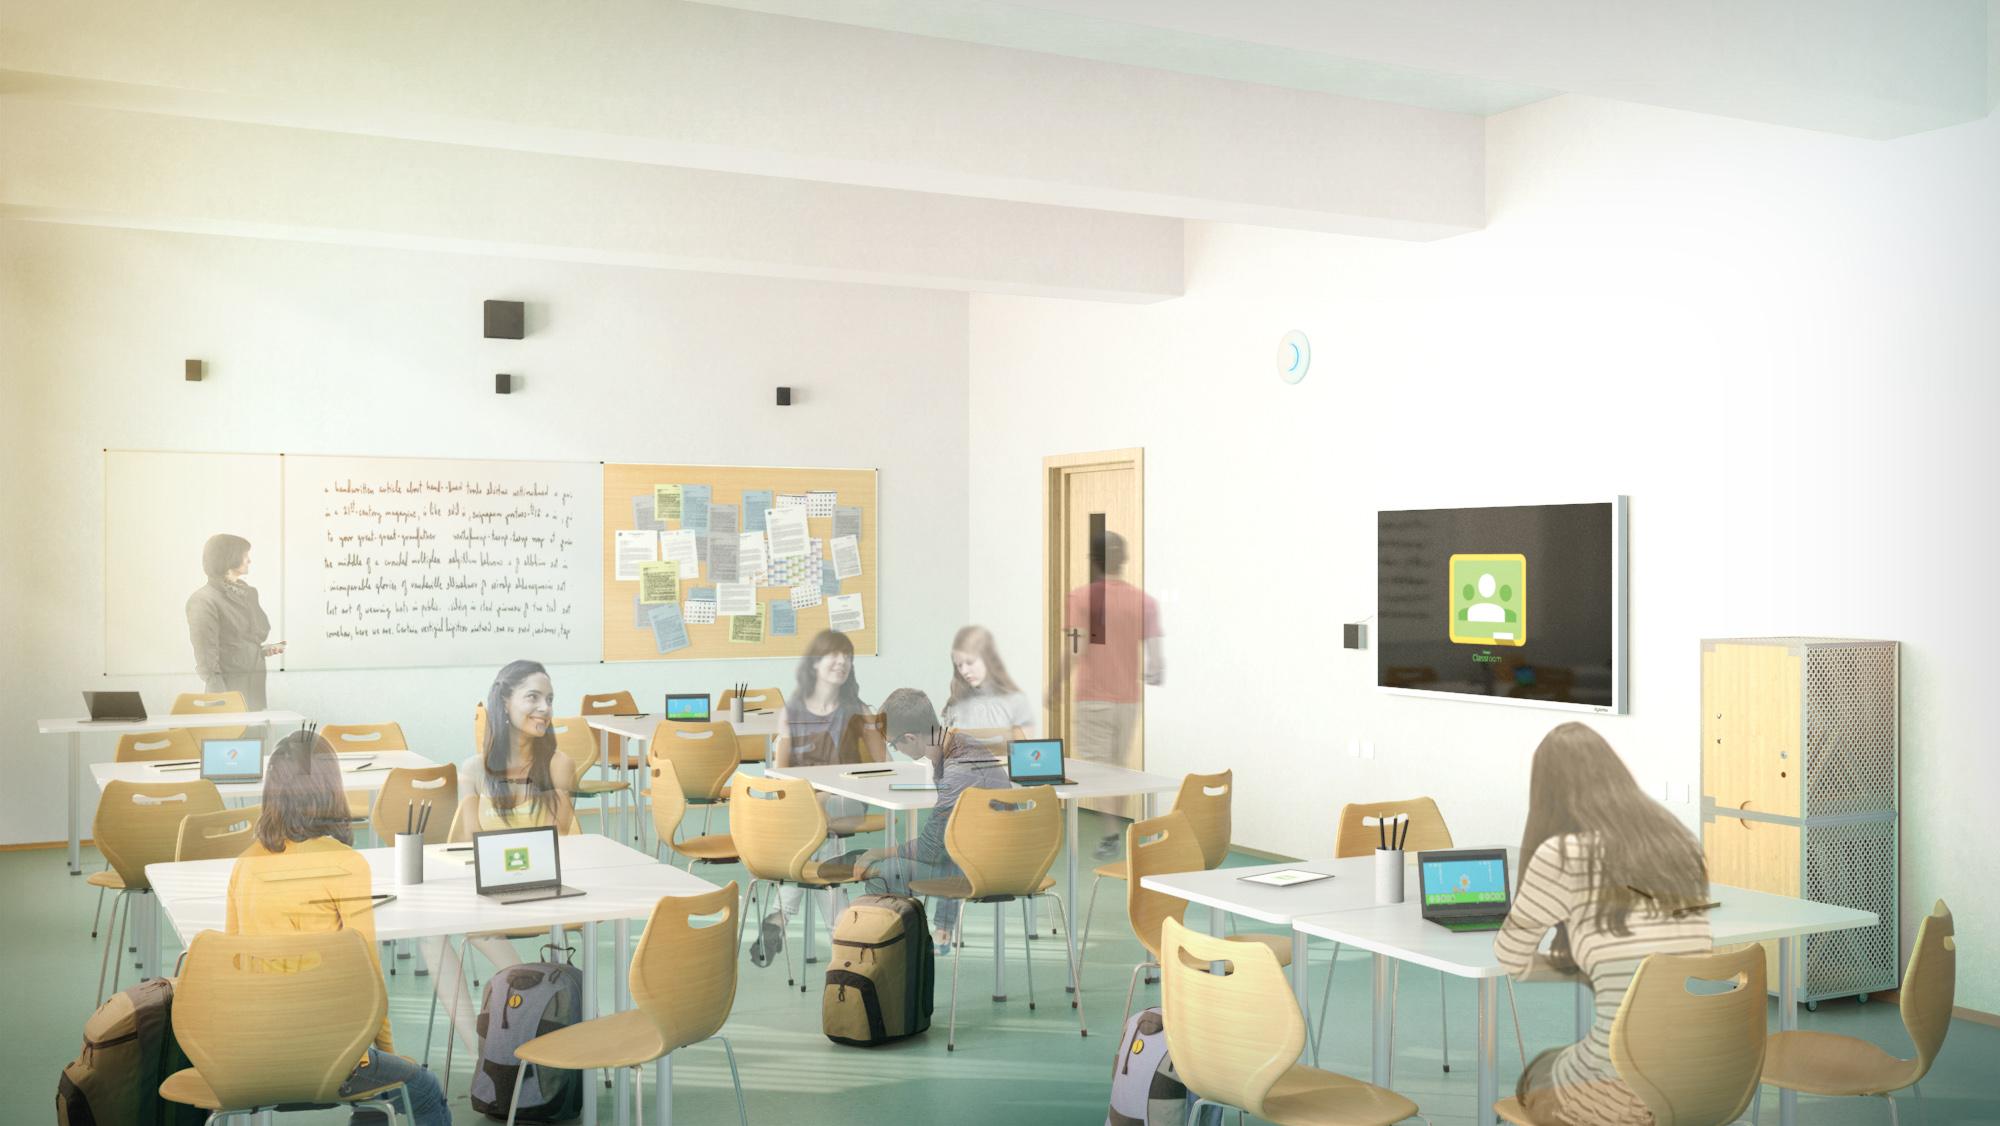 ПОКАНА: представяне на Креативна класна стая™